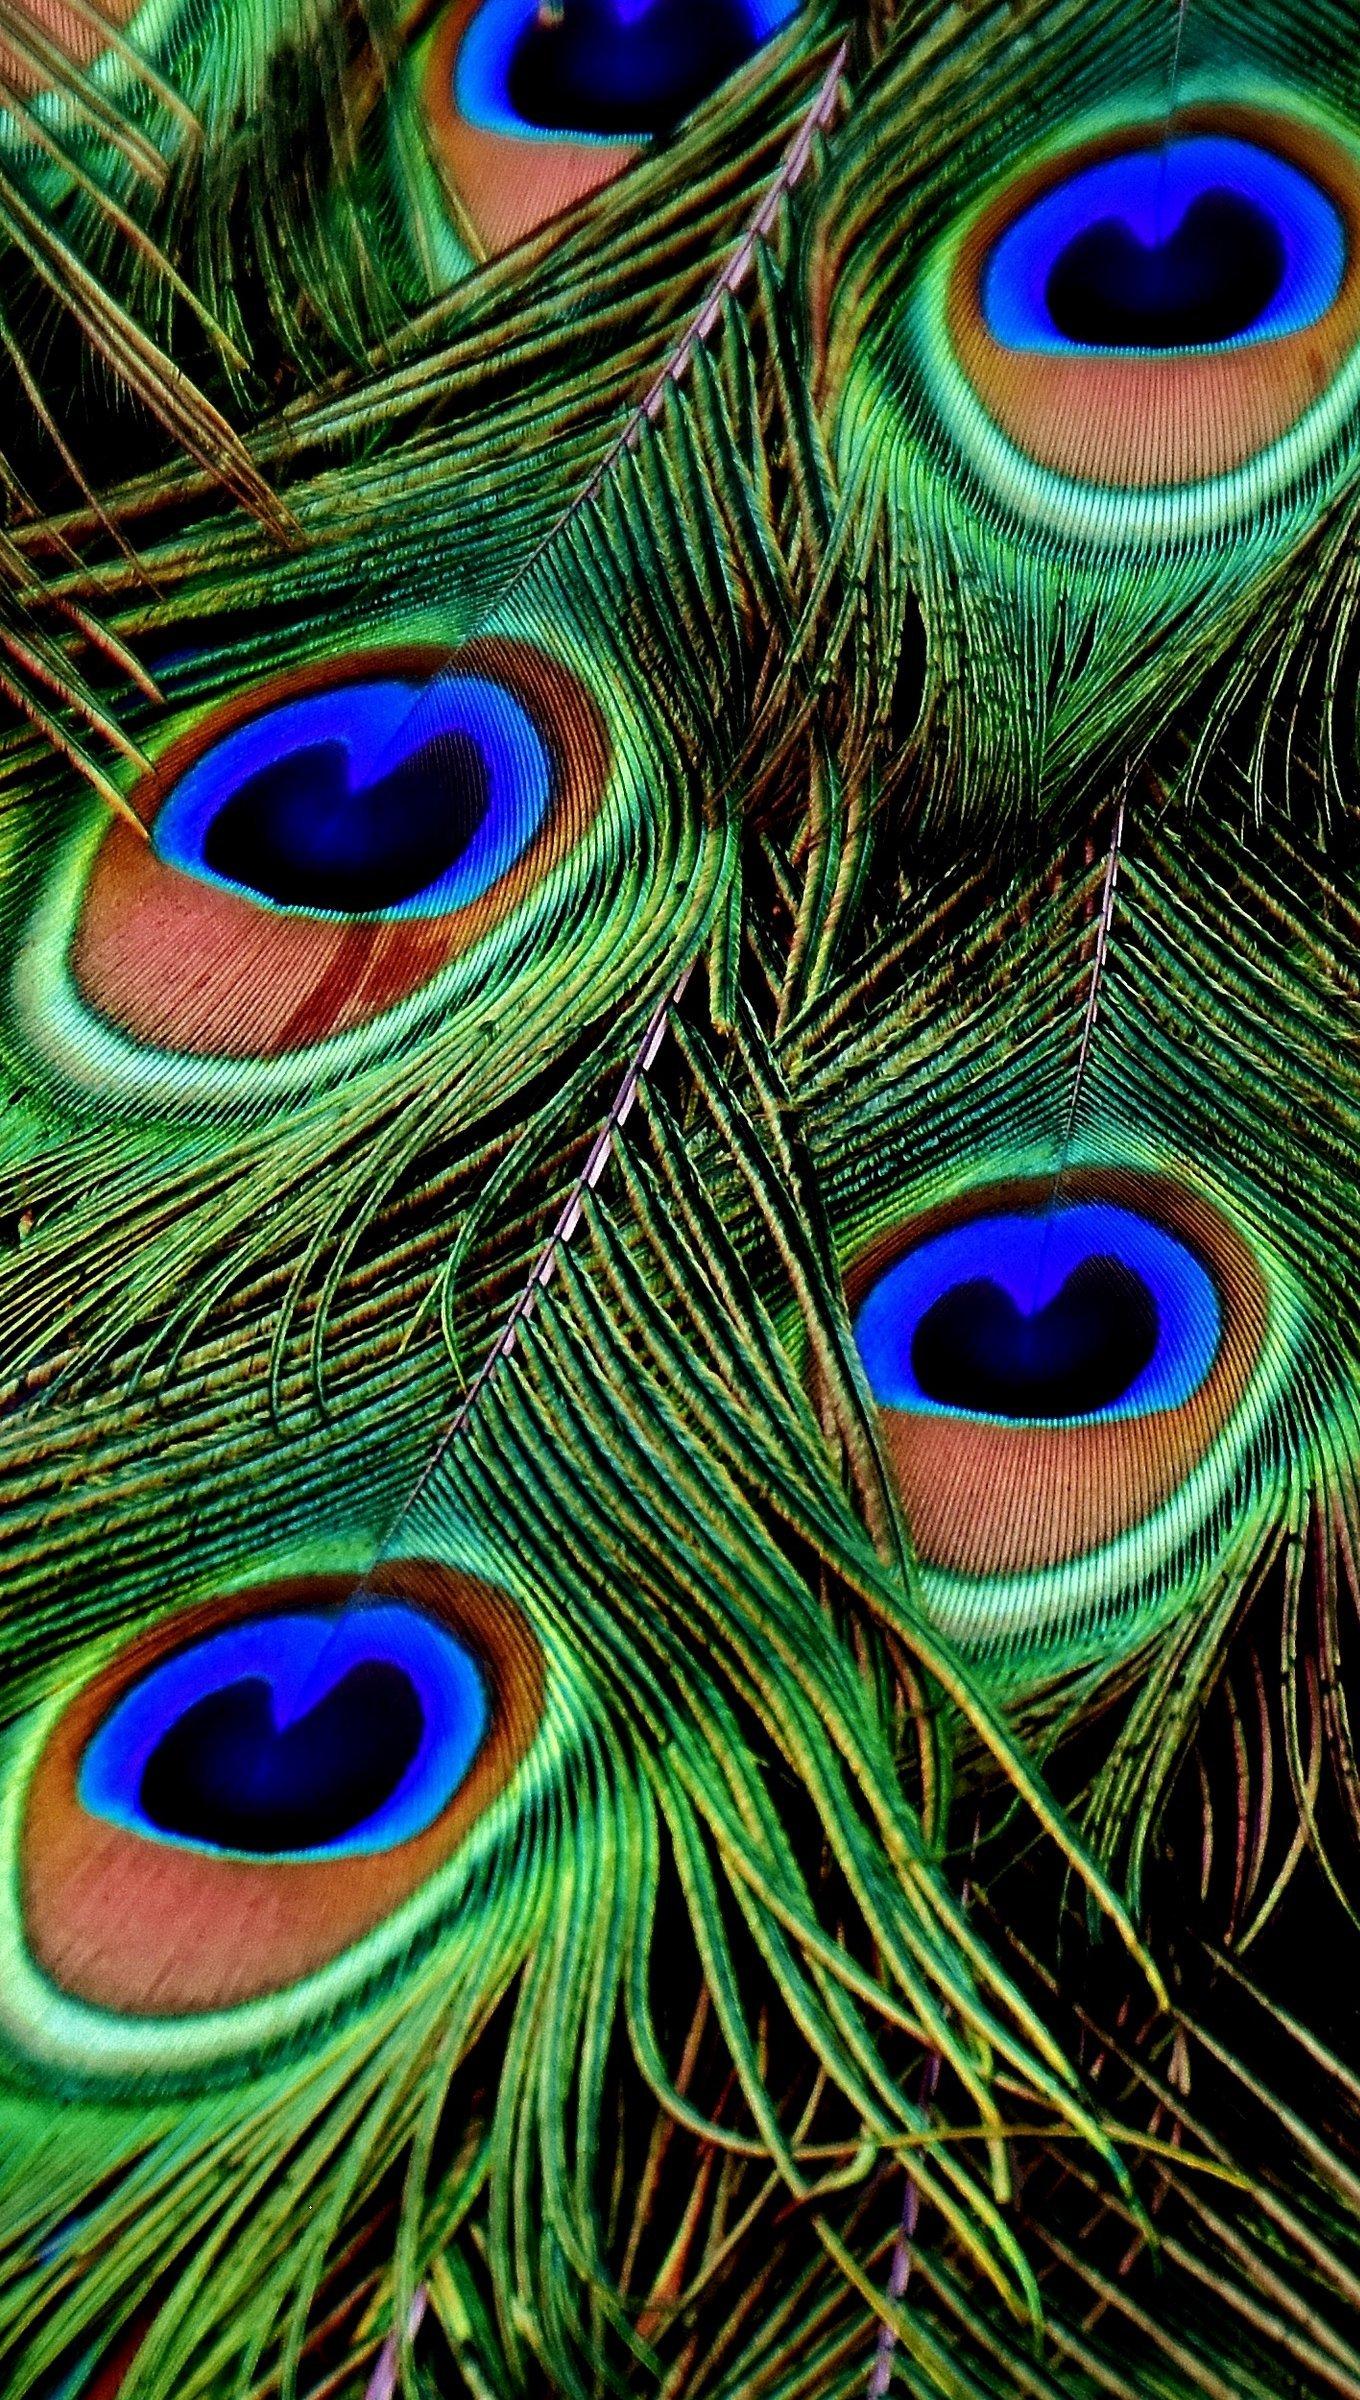 Fondos de pantalla Plumas de pavo real Vertical